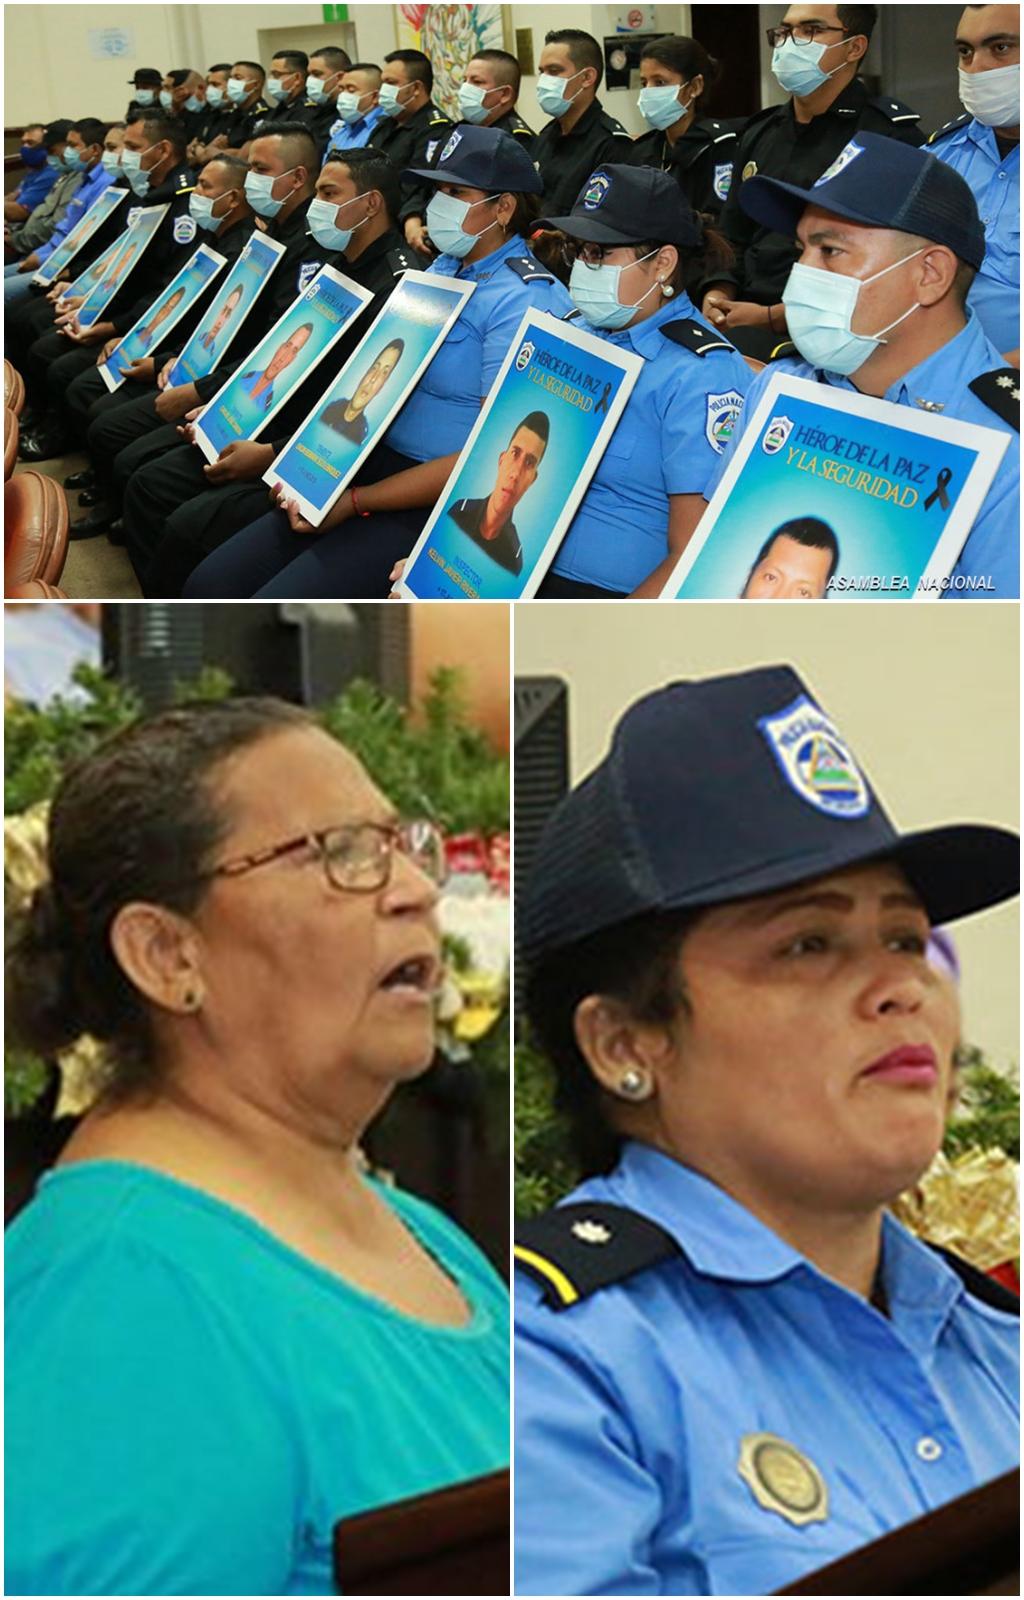 Conmovidos, desgarrados, con el corazón doliente, decimos: ¡con odio nunca más! Por Rosario Murillo, Vicepresidenta de Nicaragua